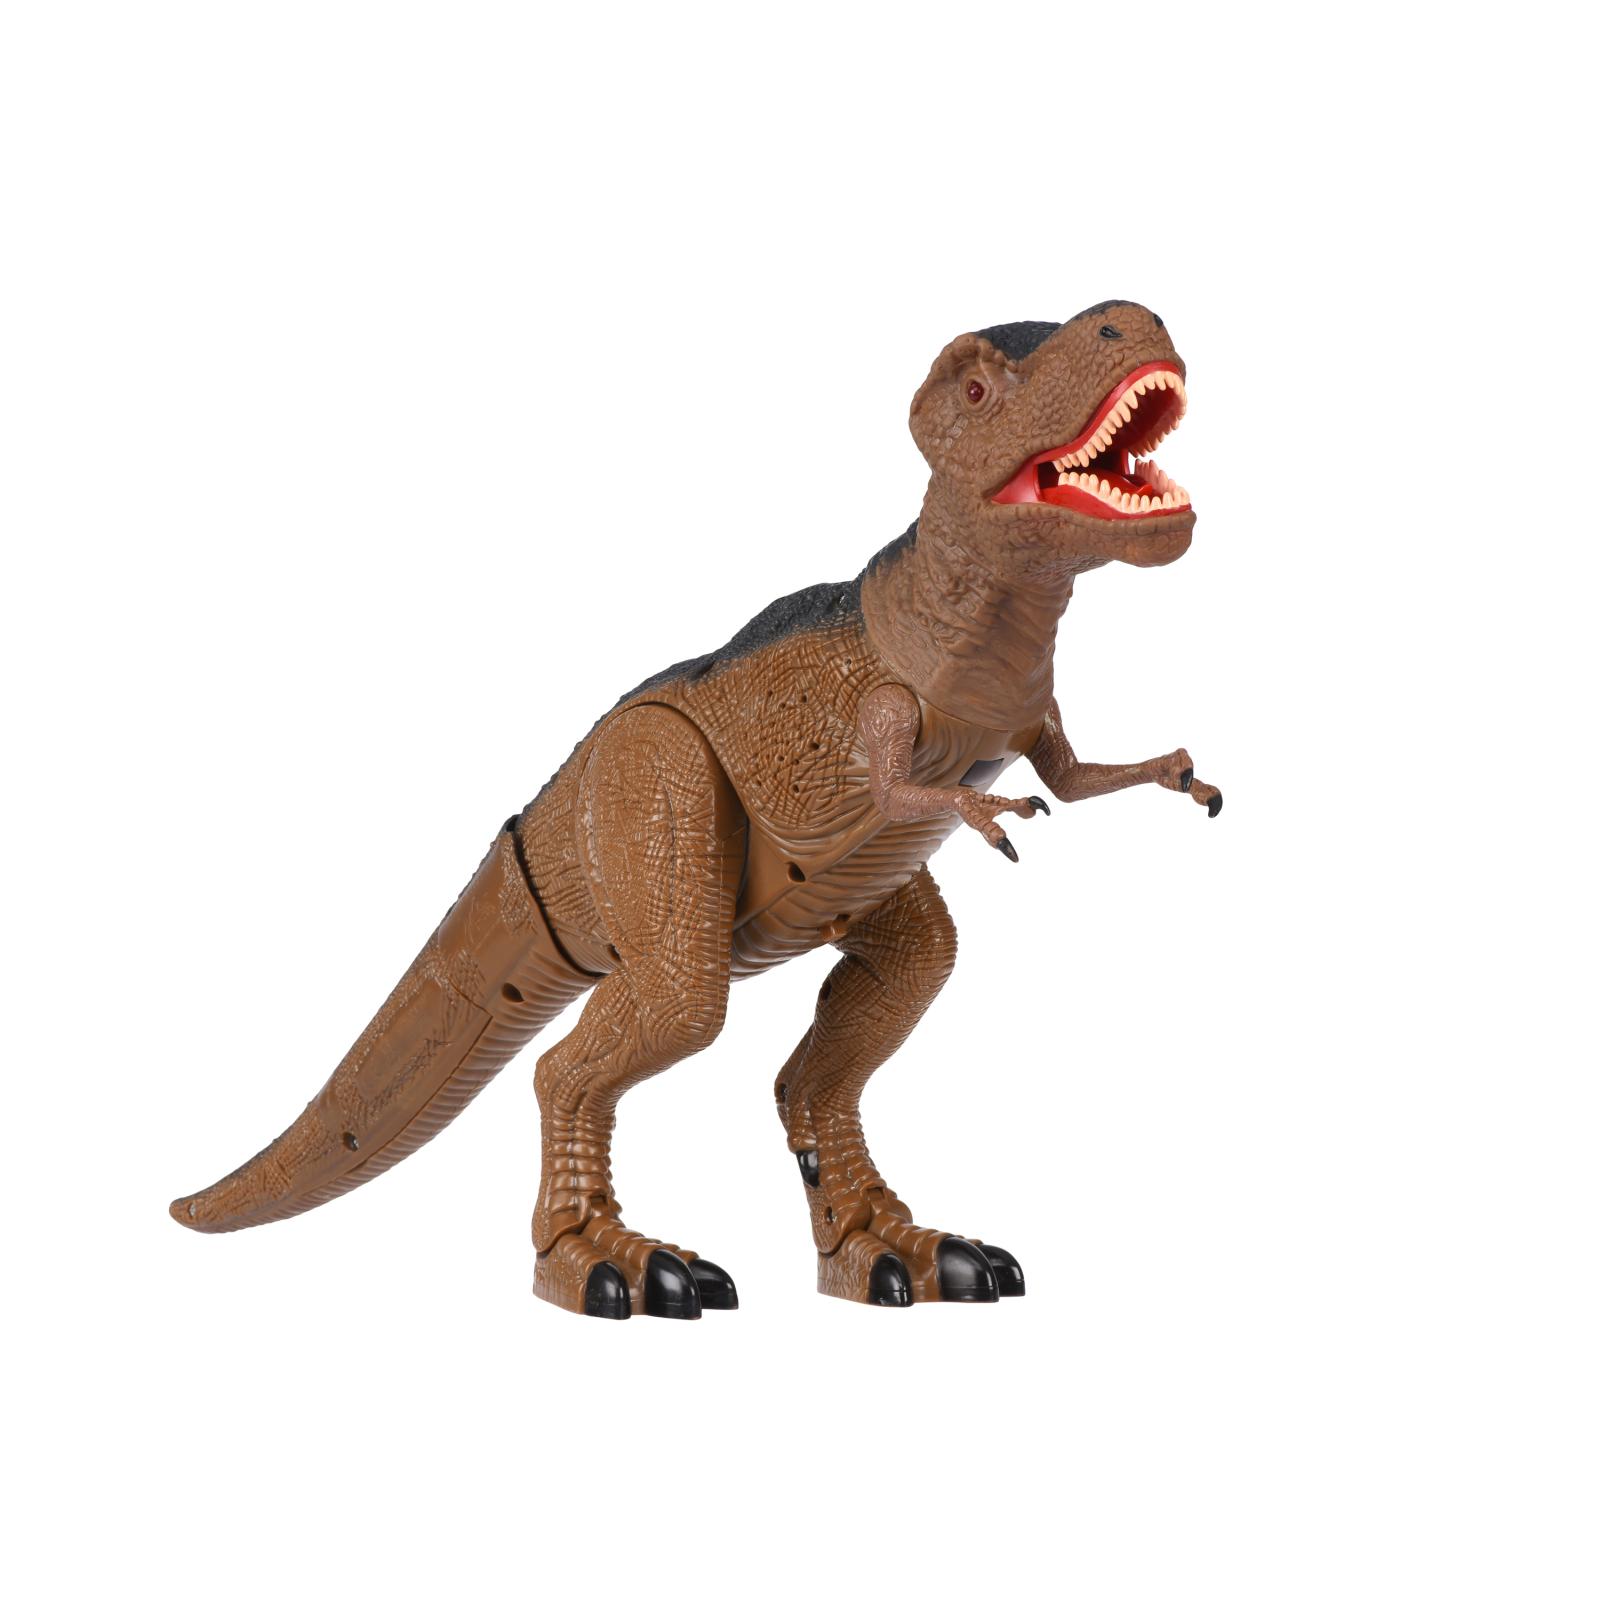 Интерактивная игрушка Same Toy Динозавр Dinosaur Planet коричневый со светом и звуком (RS6133Ut) изображение 4